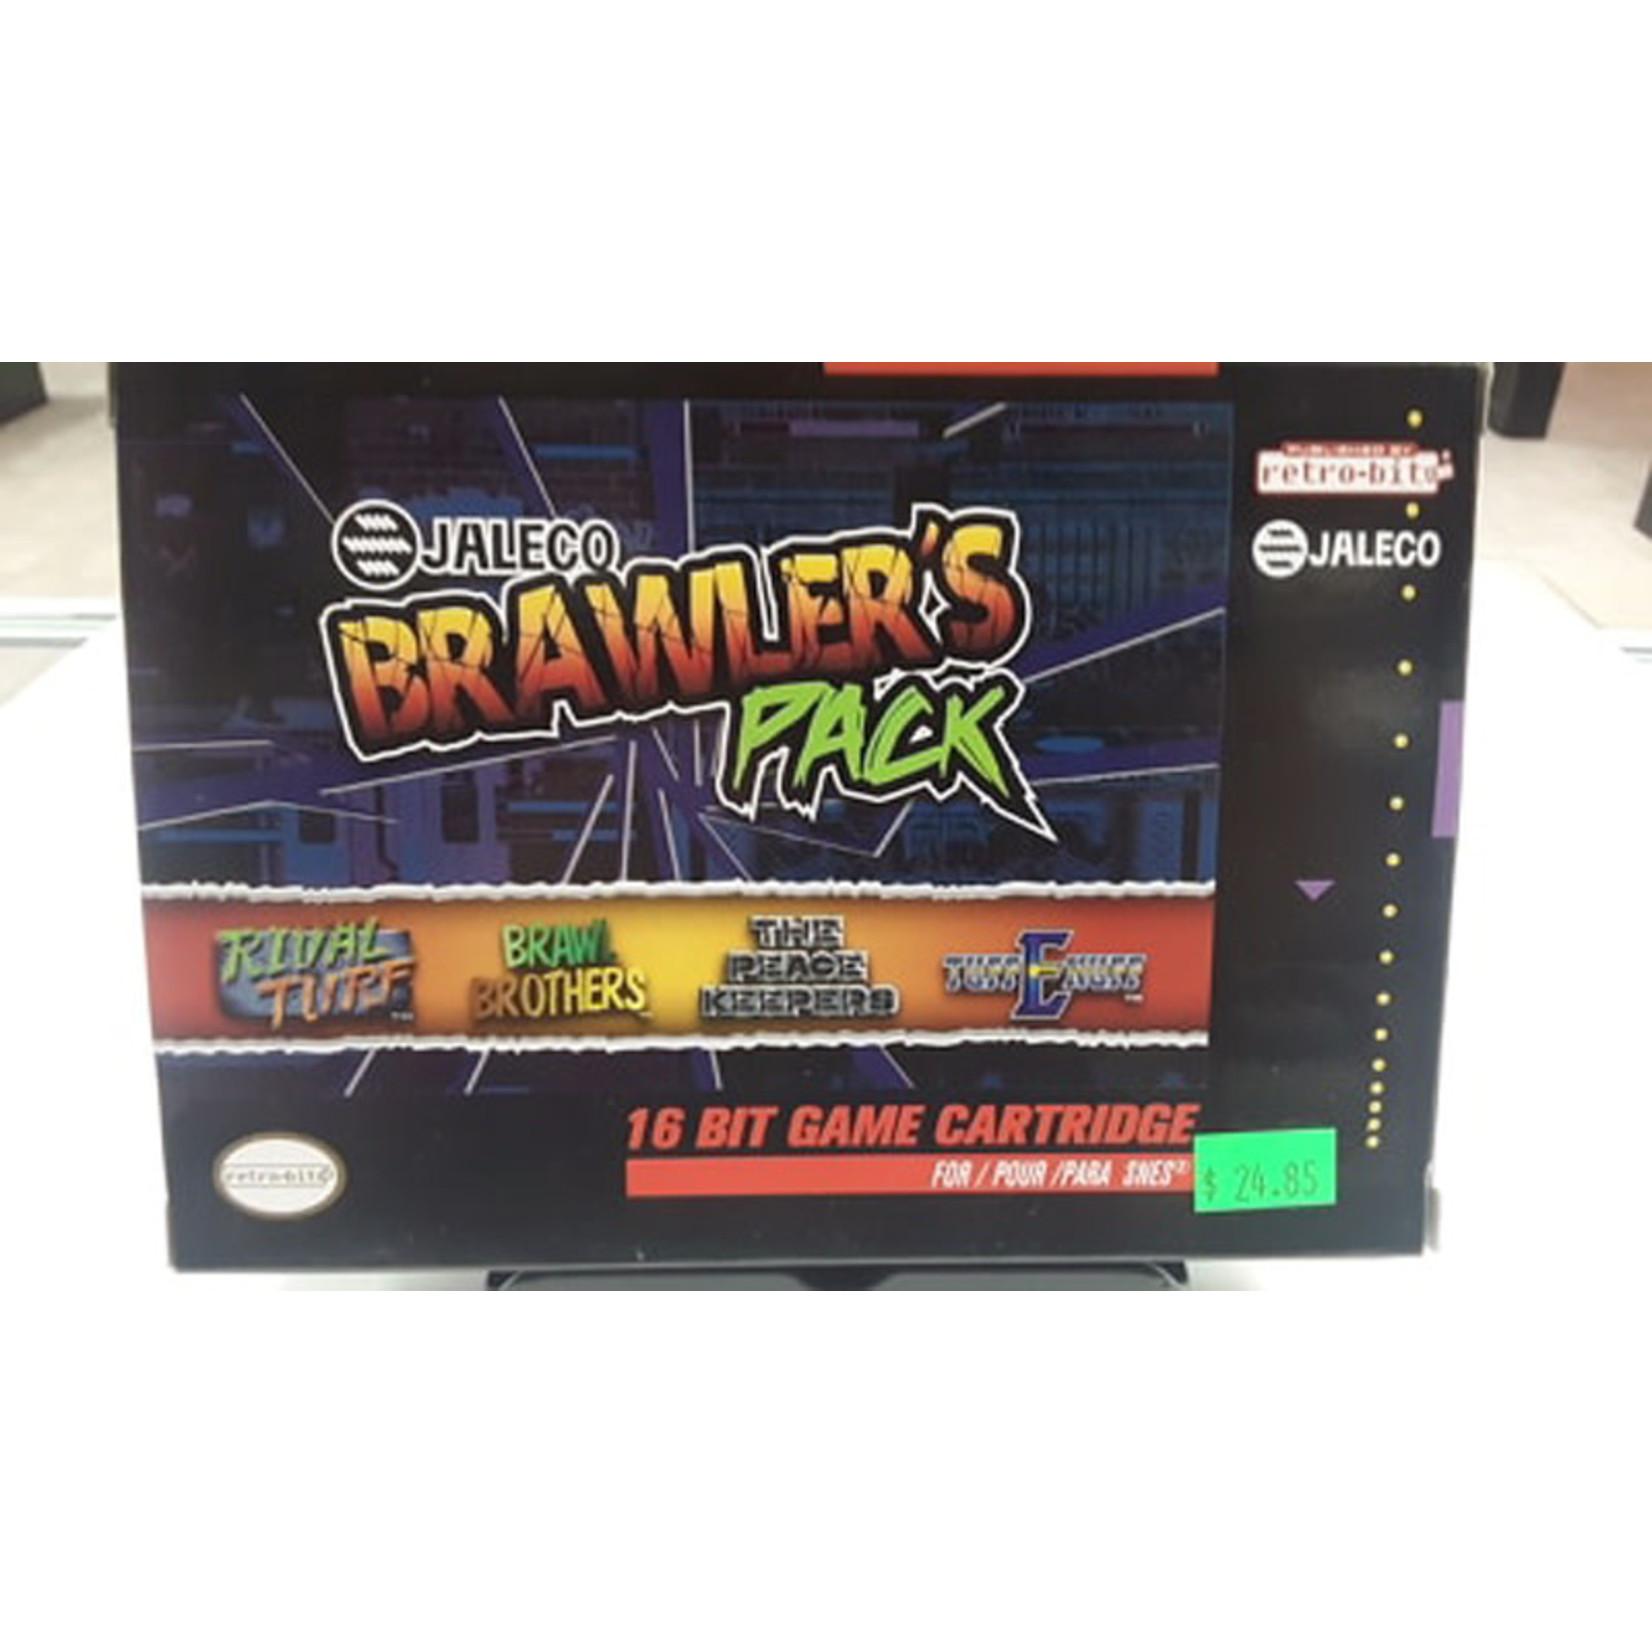 SNESU-Jaleco Brawler's Pack (in box)